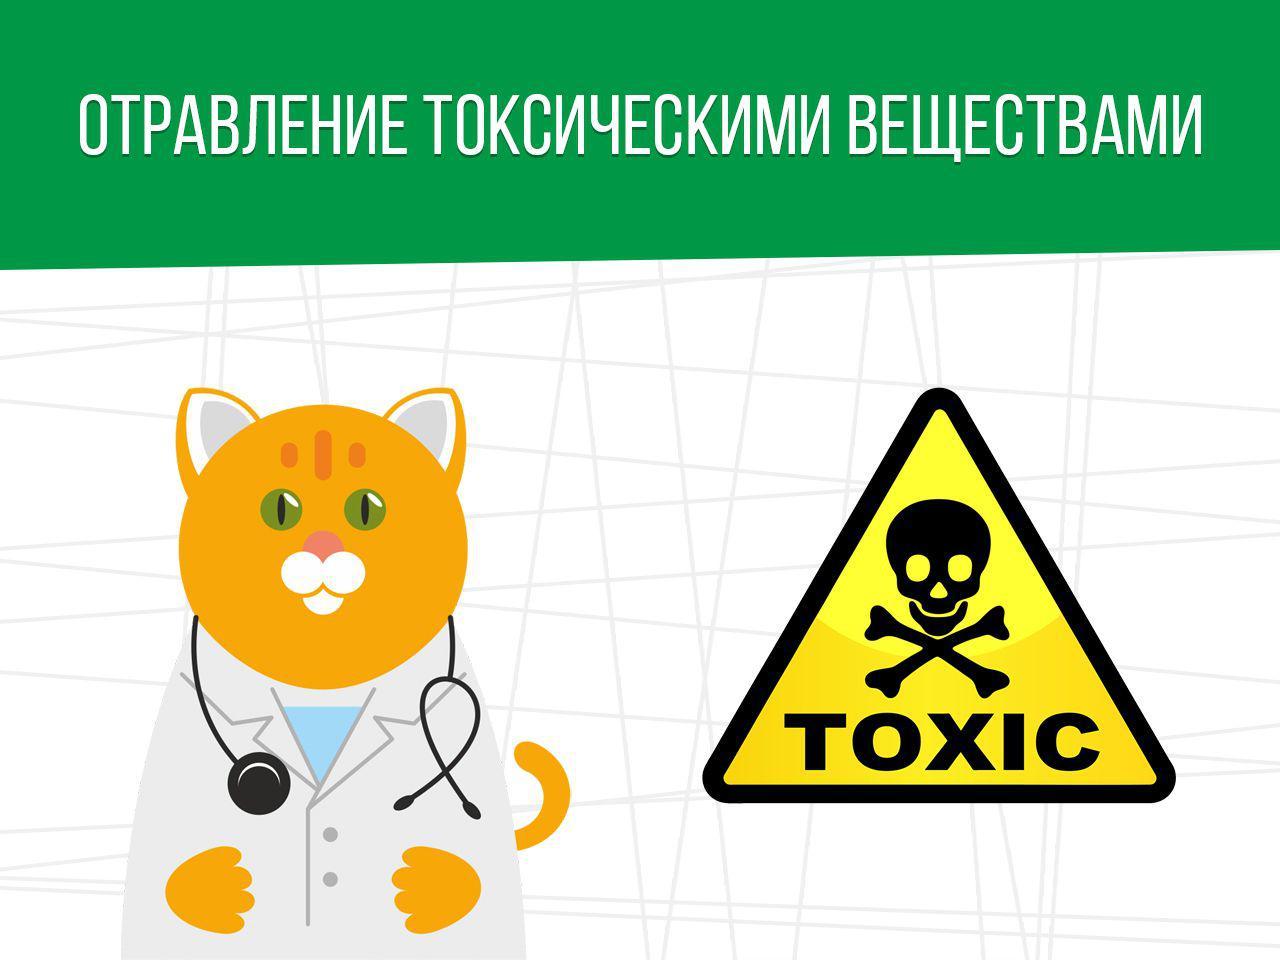 Отравление токсическими веществами: призыв на службу